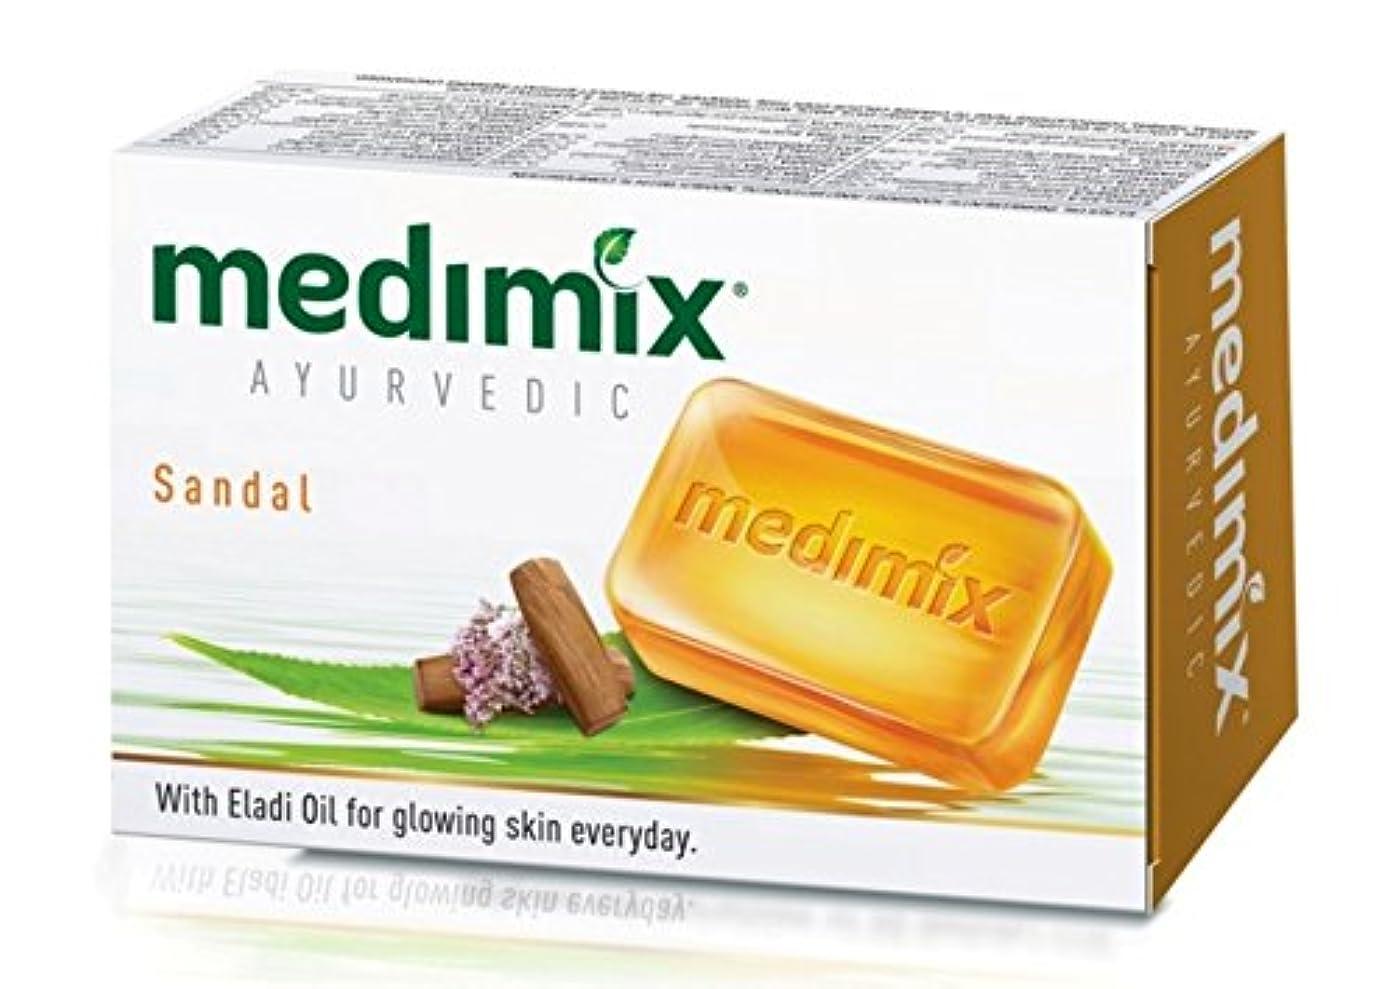 先のことを考える教授絶望的な【medimix国内正規品】メディミックス Sandal ハーブから作られたオーガニック石鹸